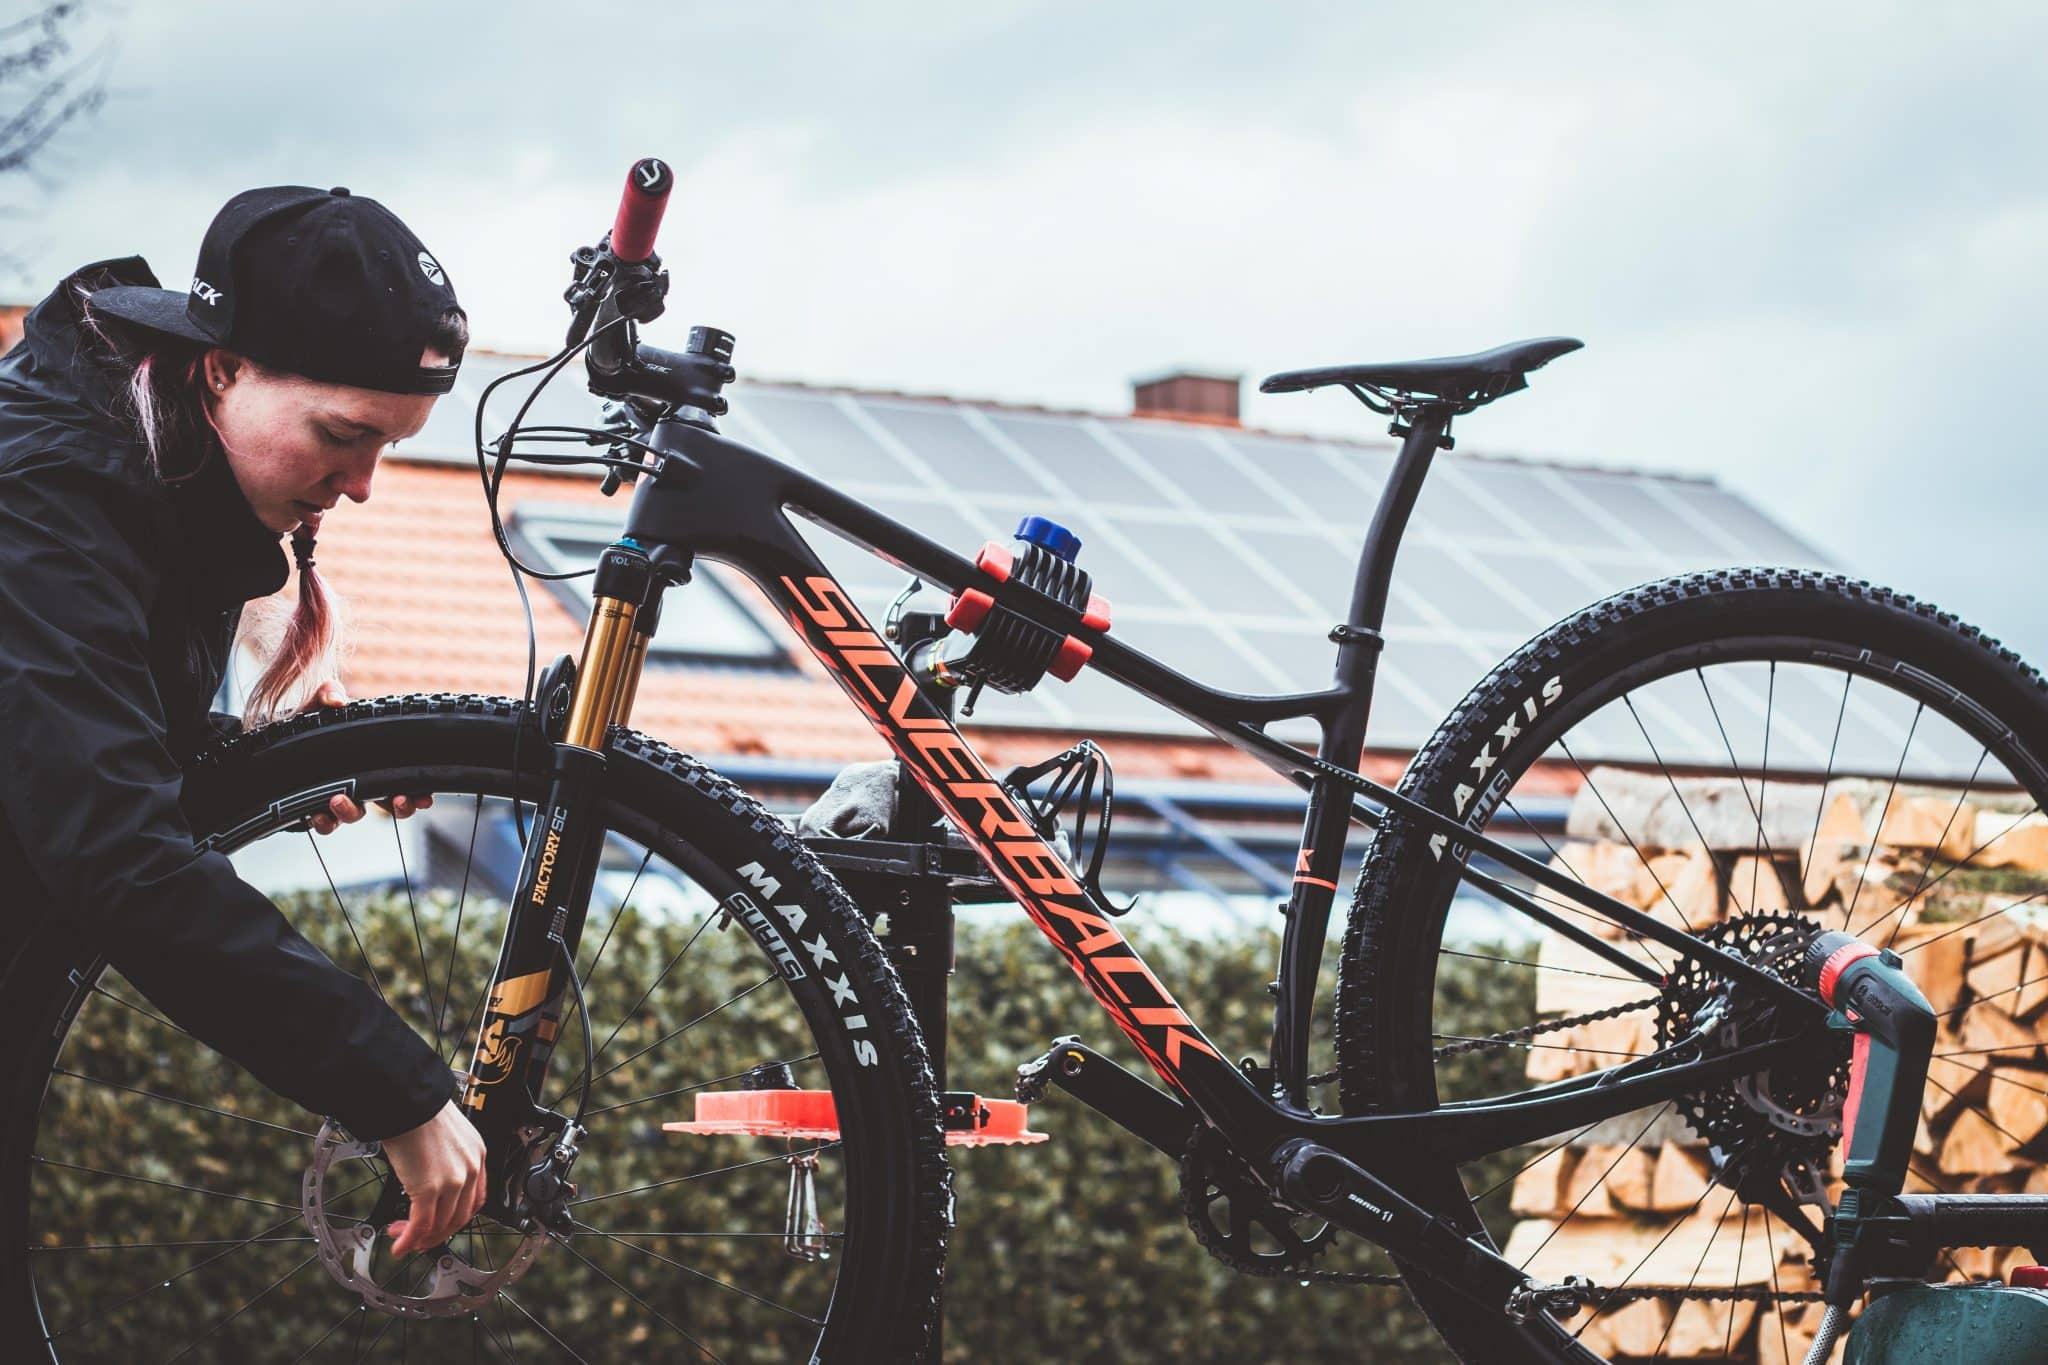 Frühjahrescheck am Mountainbike und Fahrrad machen - Anleitung zum selber machen Wartung